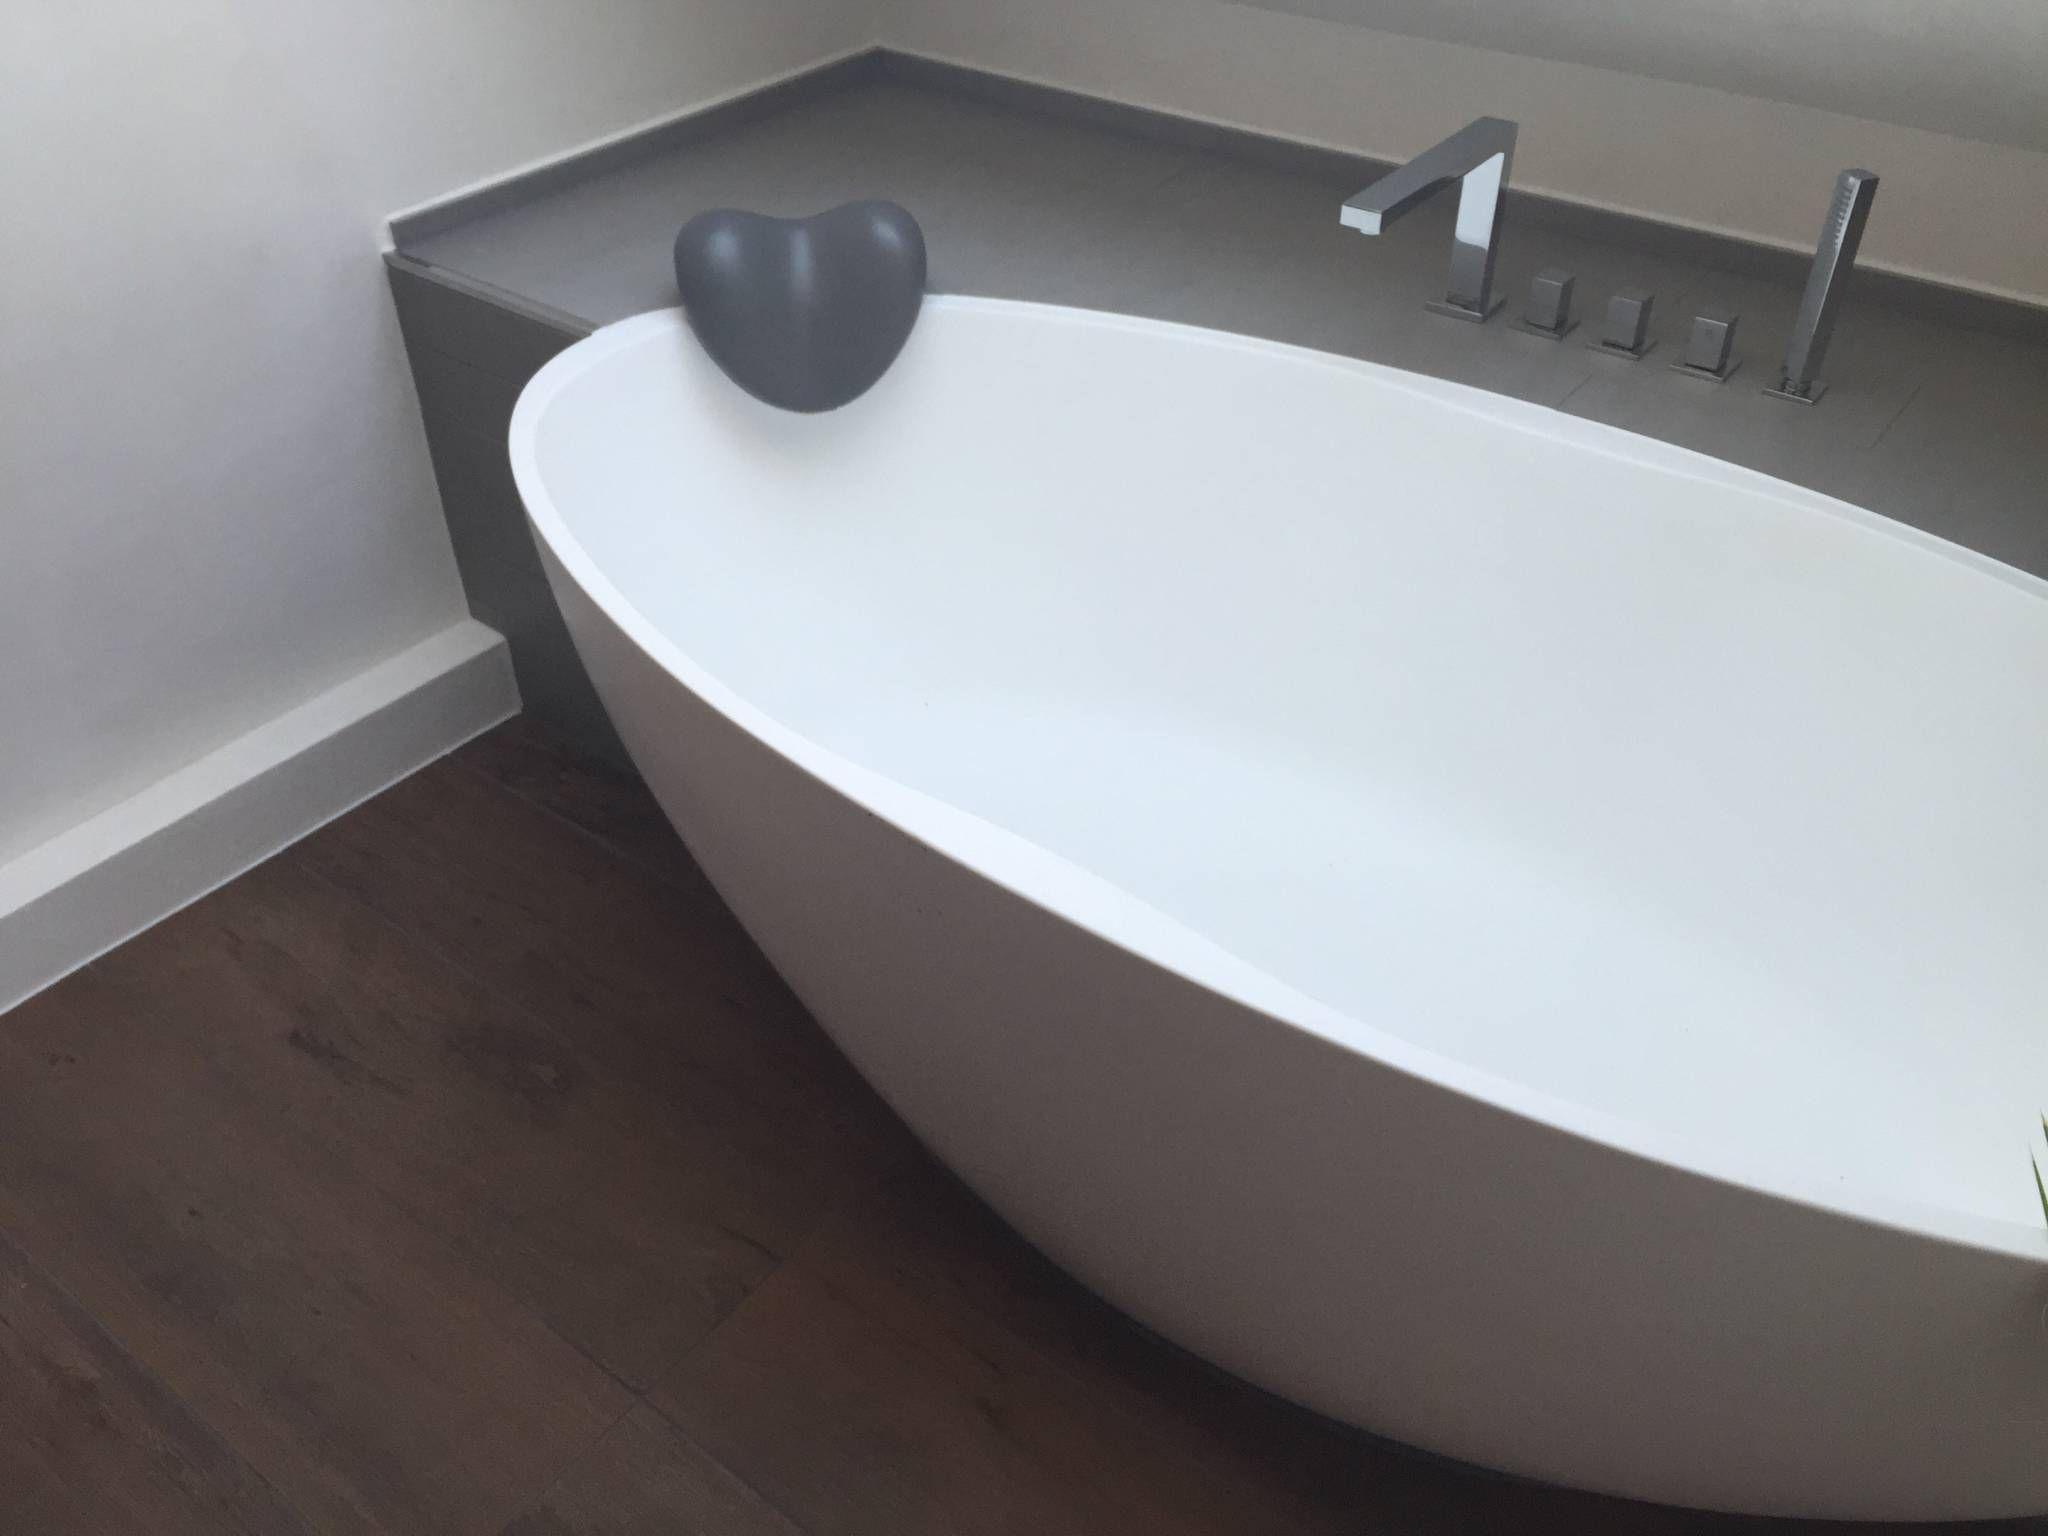 Raumsparwanne 2 Sitzer Wanne Badewanne Wanne Rund Bathtub Tub Whirlpool Interior Interiordesign Bathro Bad Raumsparwanne Kleine Badezimmer